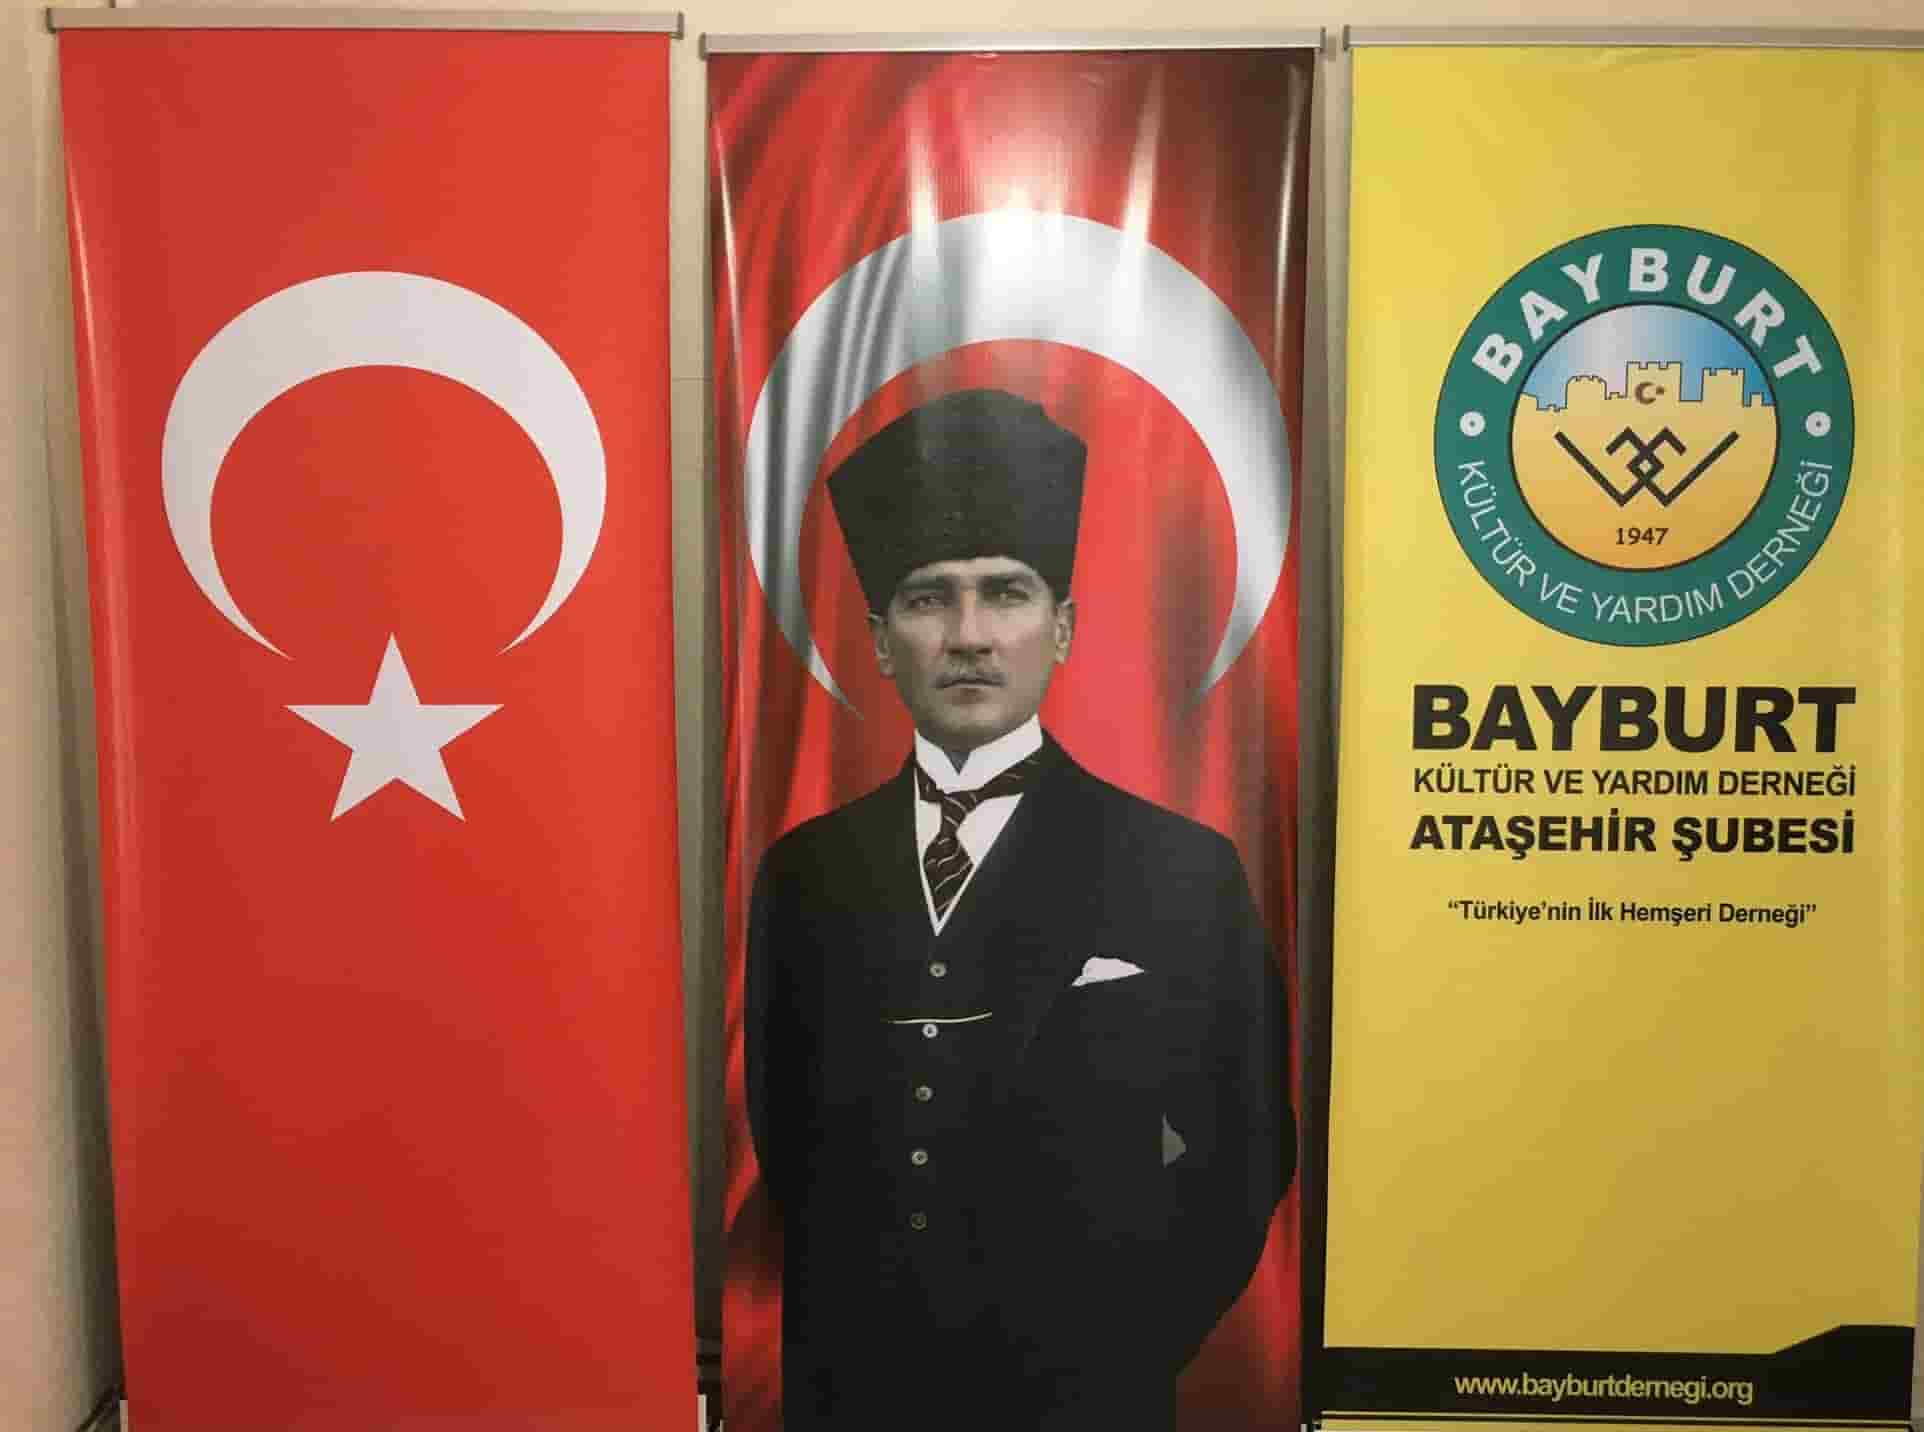 Bayburt Eğitim ve Yardım Derneği Ataşehir şubesi kuruldu